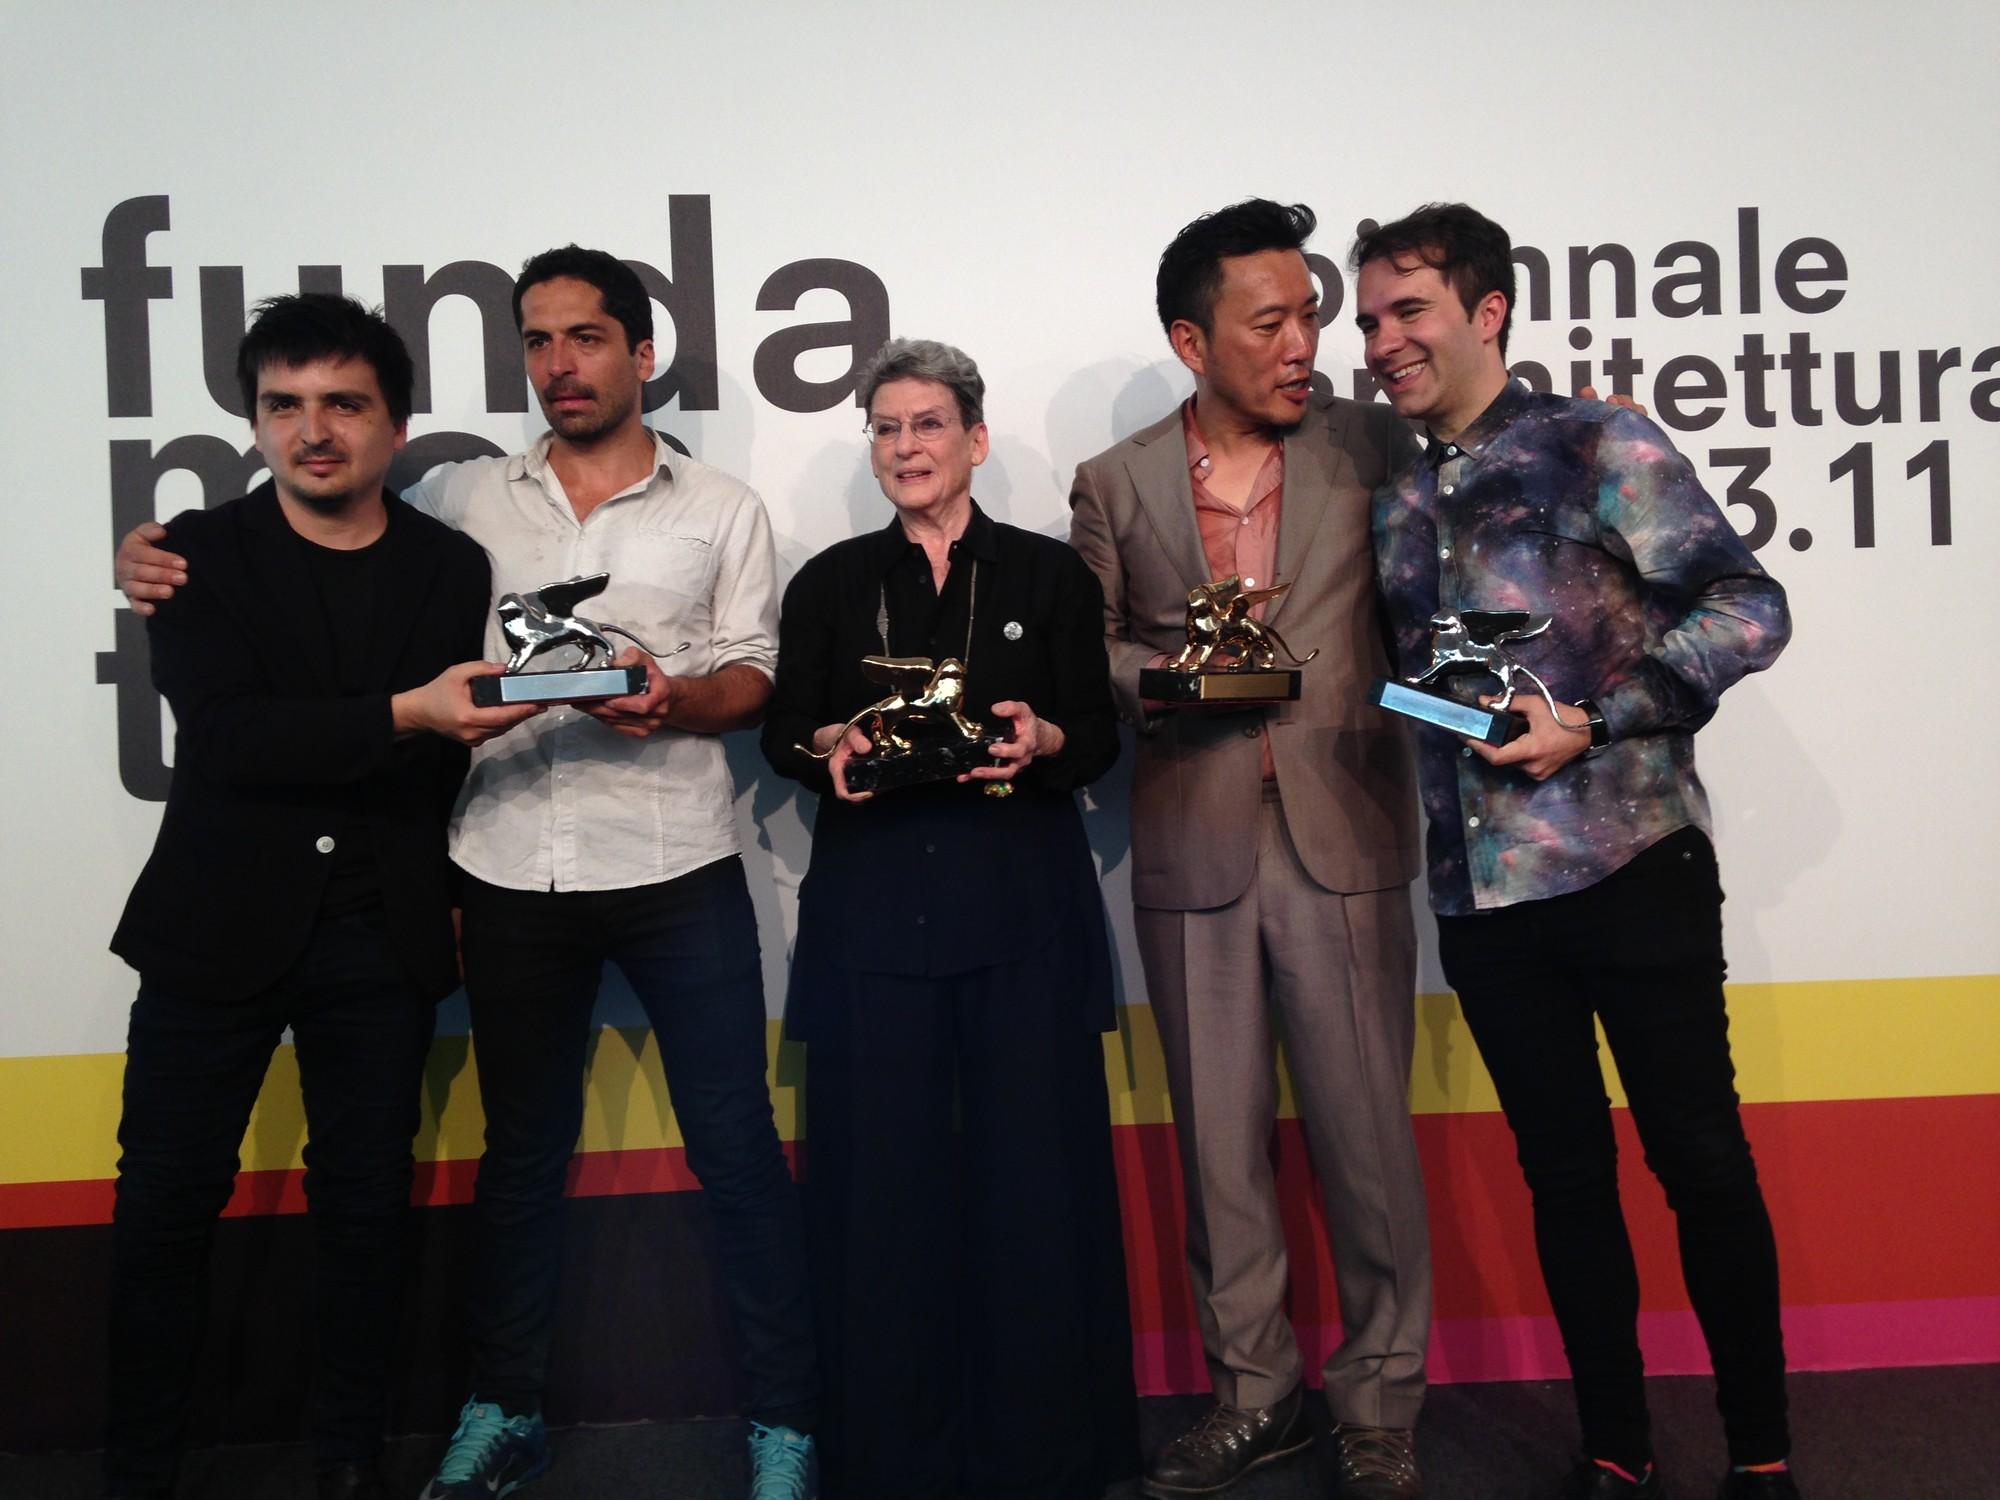 Bienal de Venecia 2014: Chile, Corea, y el español Andrés Jaque, entre los ganadores, Pedro Alonso, Hugo Palmarola, Phyllis Lambert, Minsuk Cho y Andrés Jaque. Image © Pola Mora